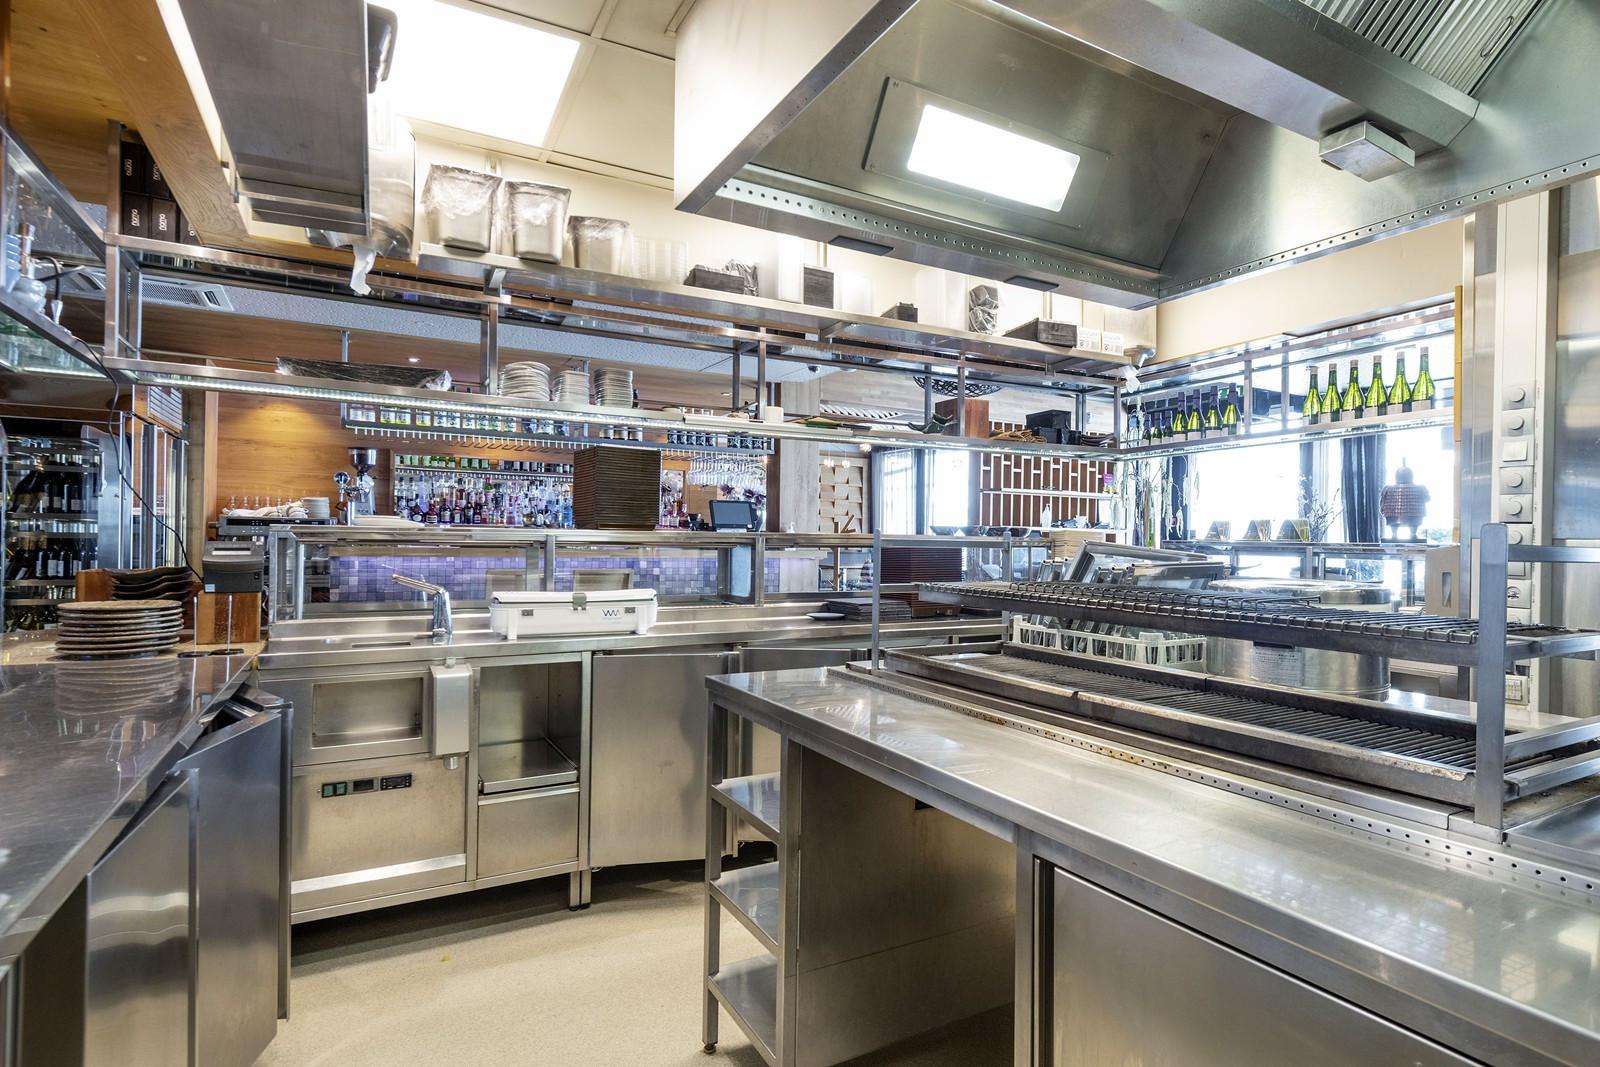 Fullt utstyrt kjøkken